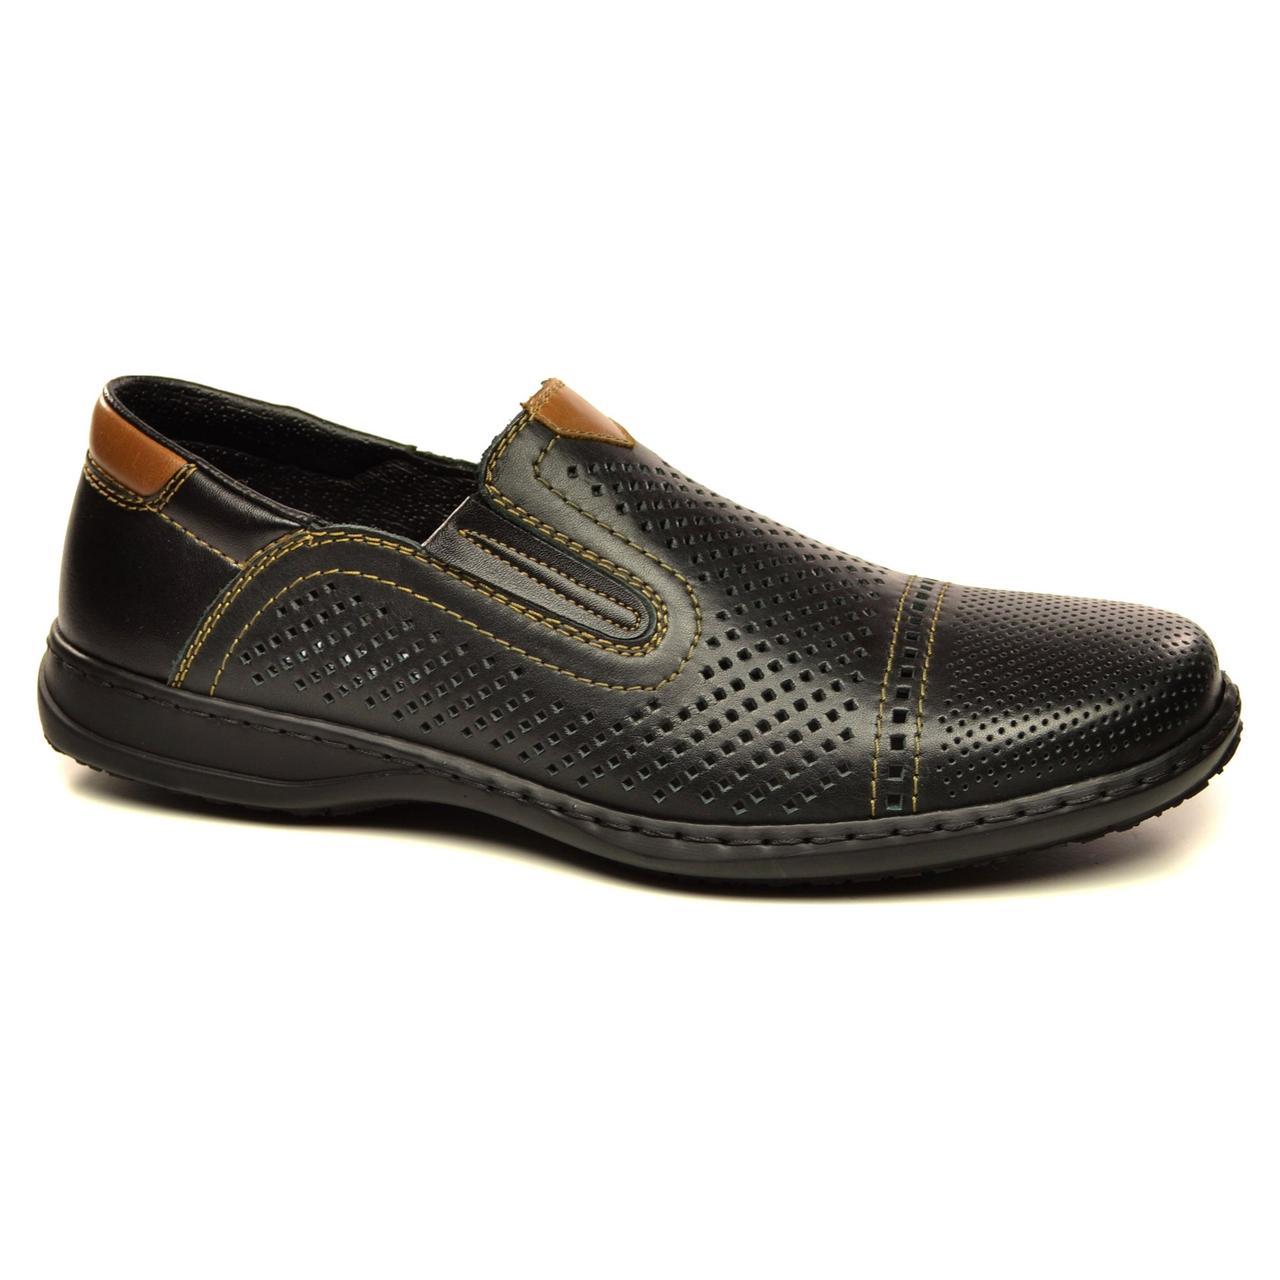 db63c6458 Повседневные туфли Rieker 01357-00, код: 8723, размеры: 40, 42, 43 ...